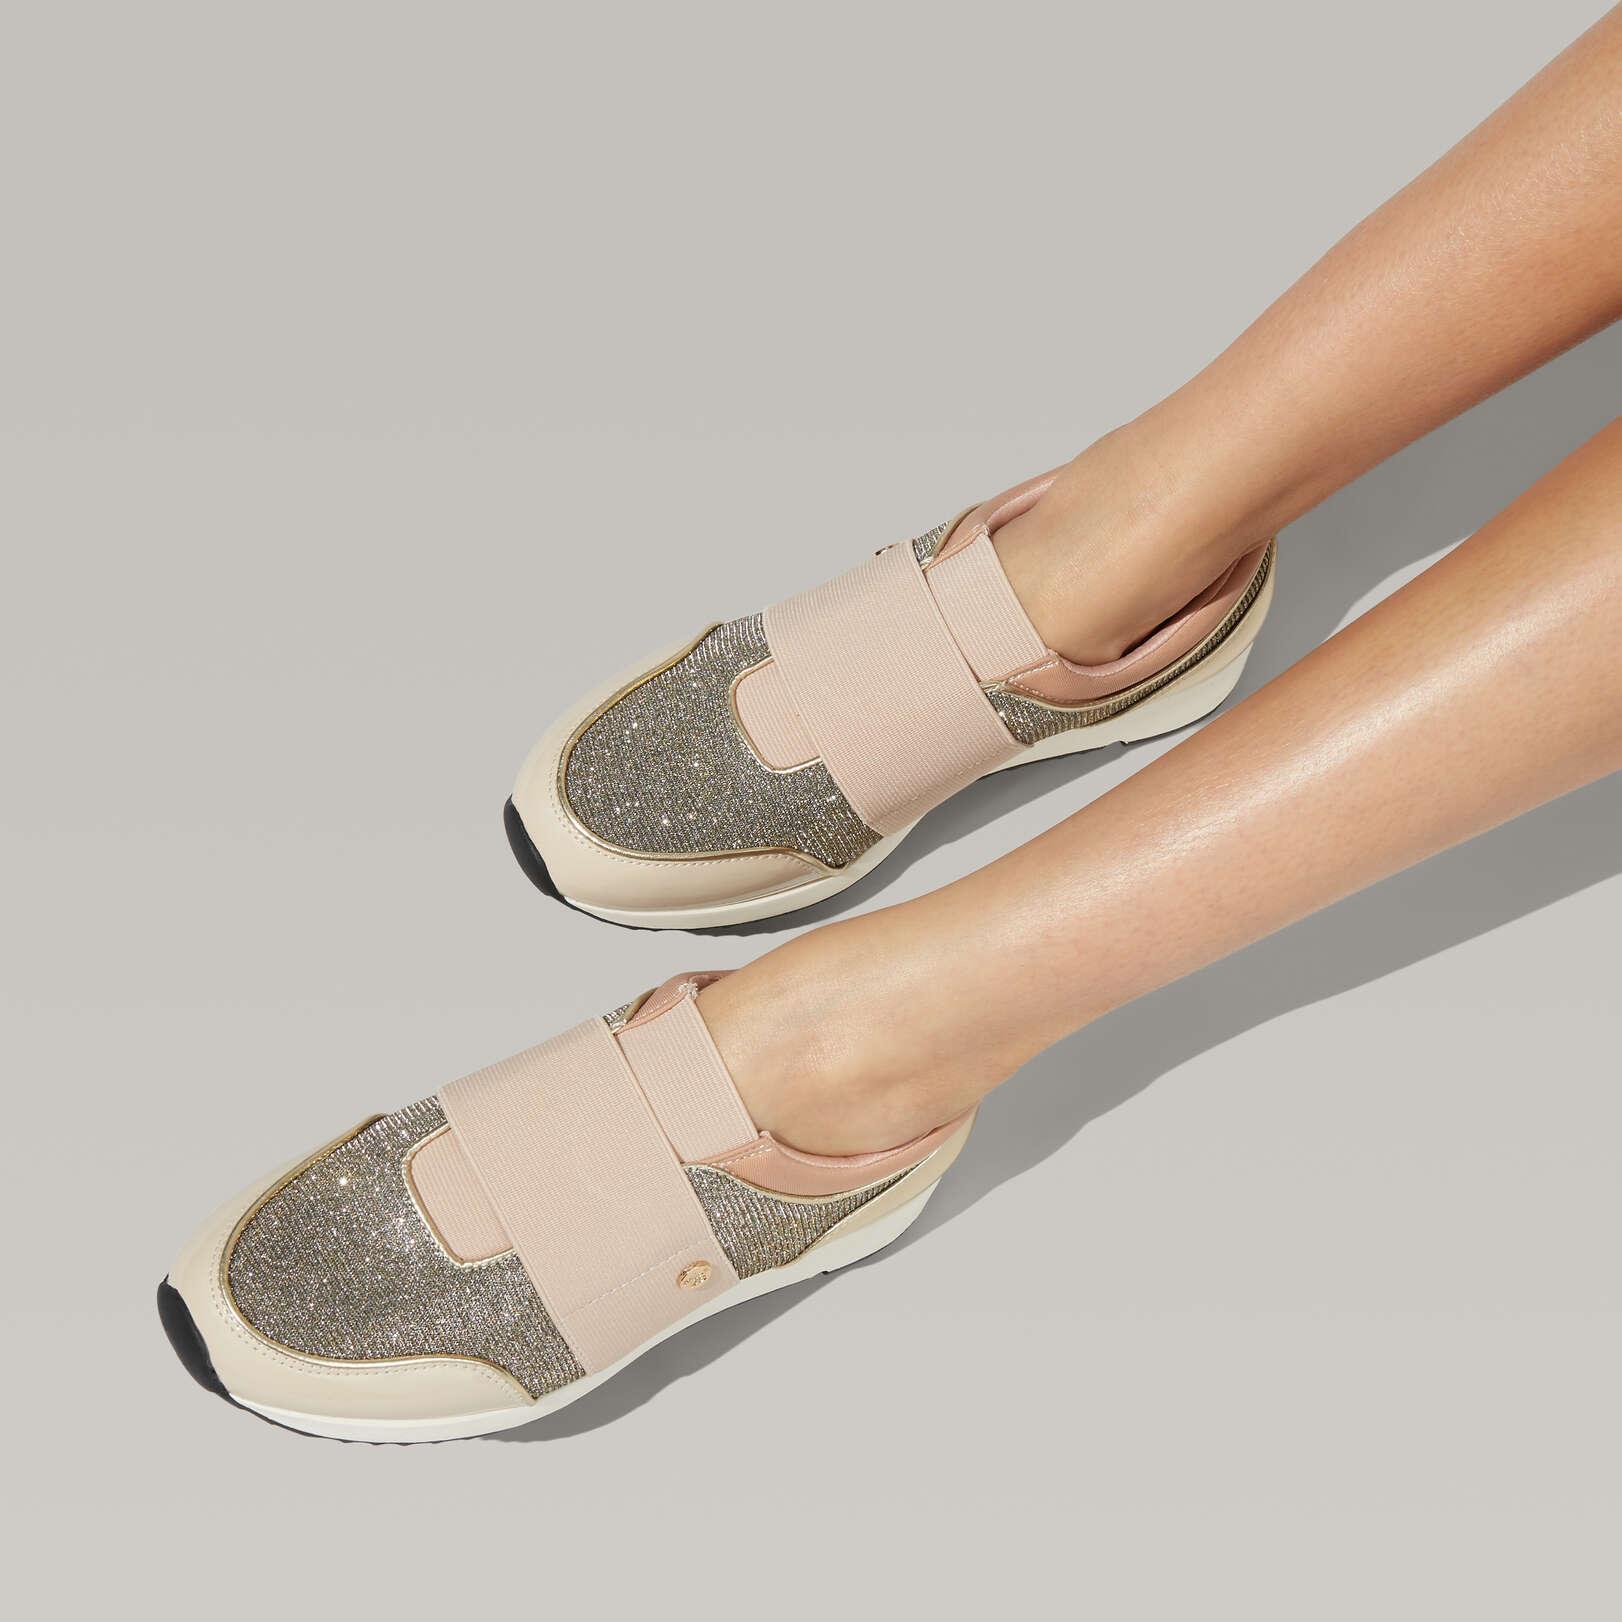 KARLA - MISS KG Sneakers